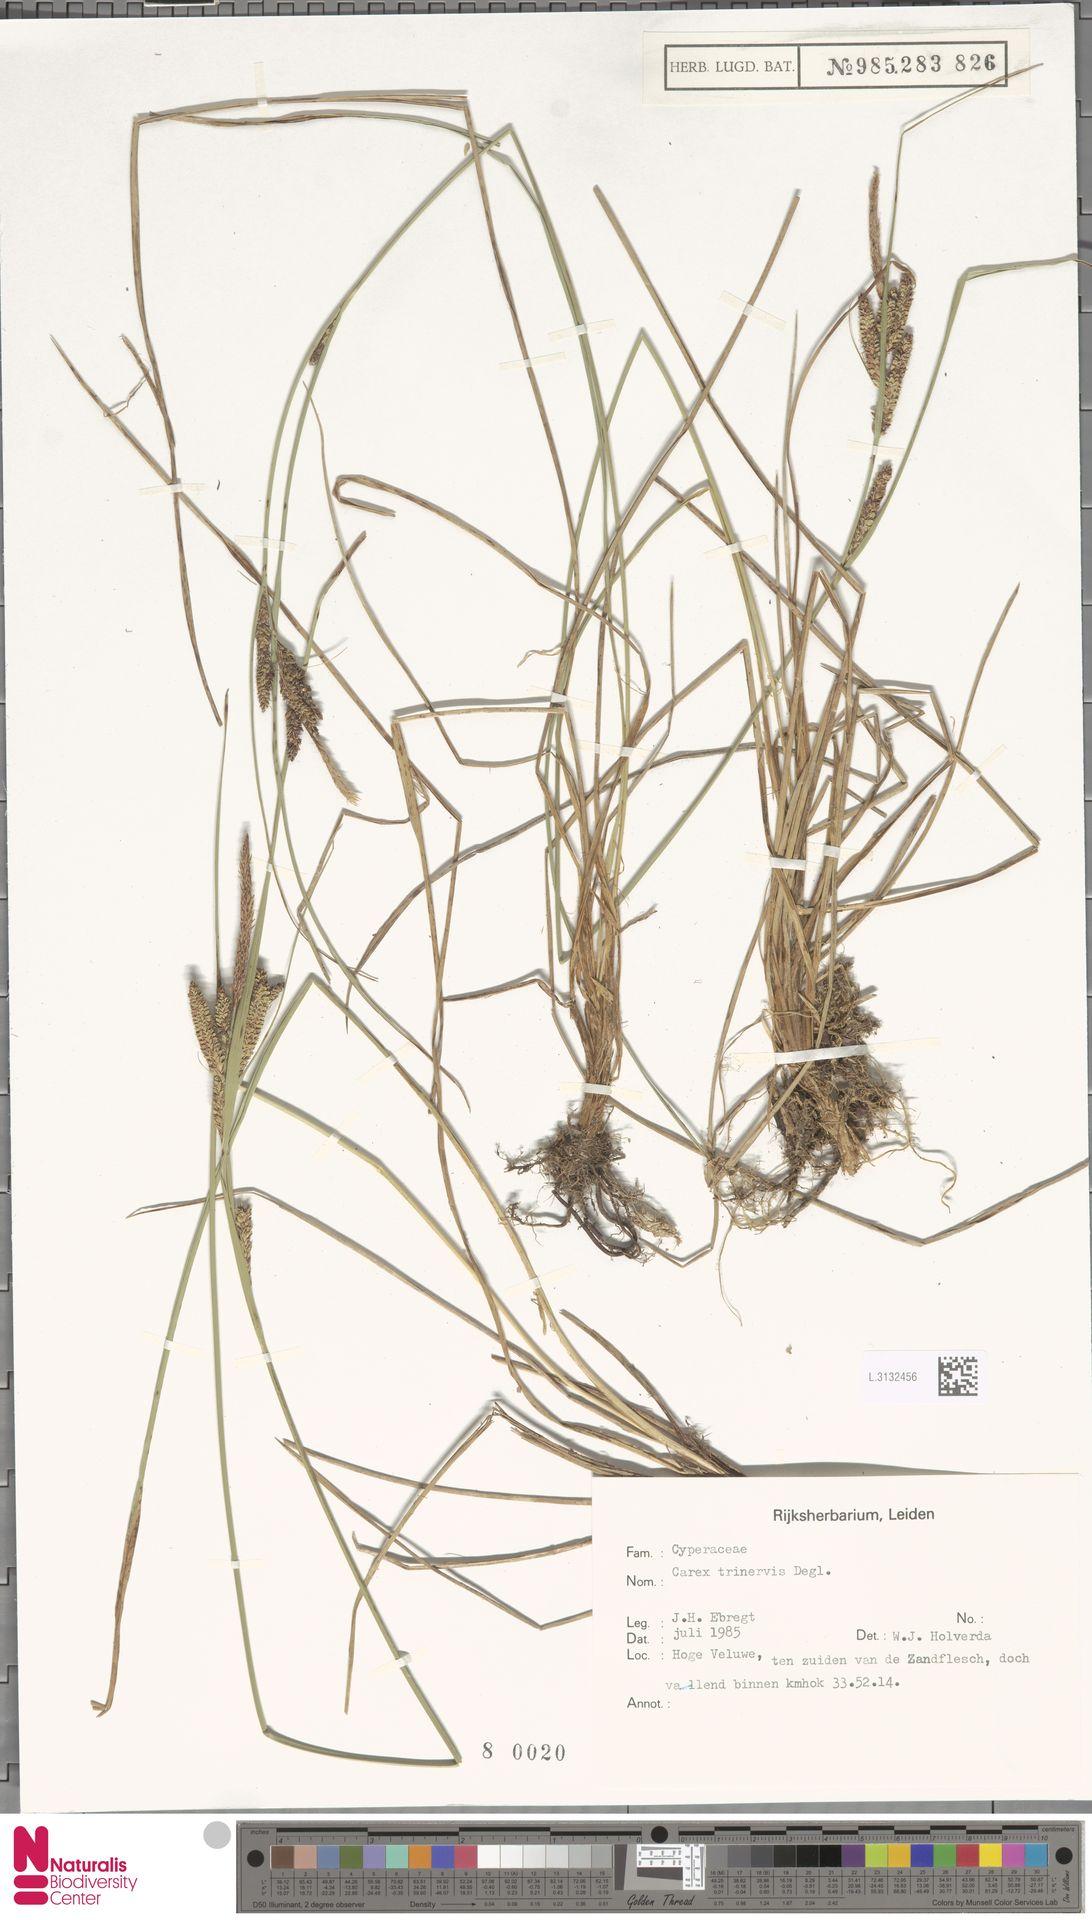 L.3132456 | Carex trinervis Degl.